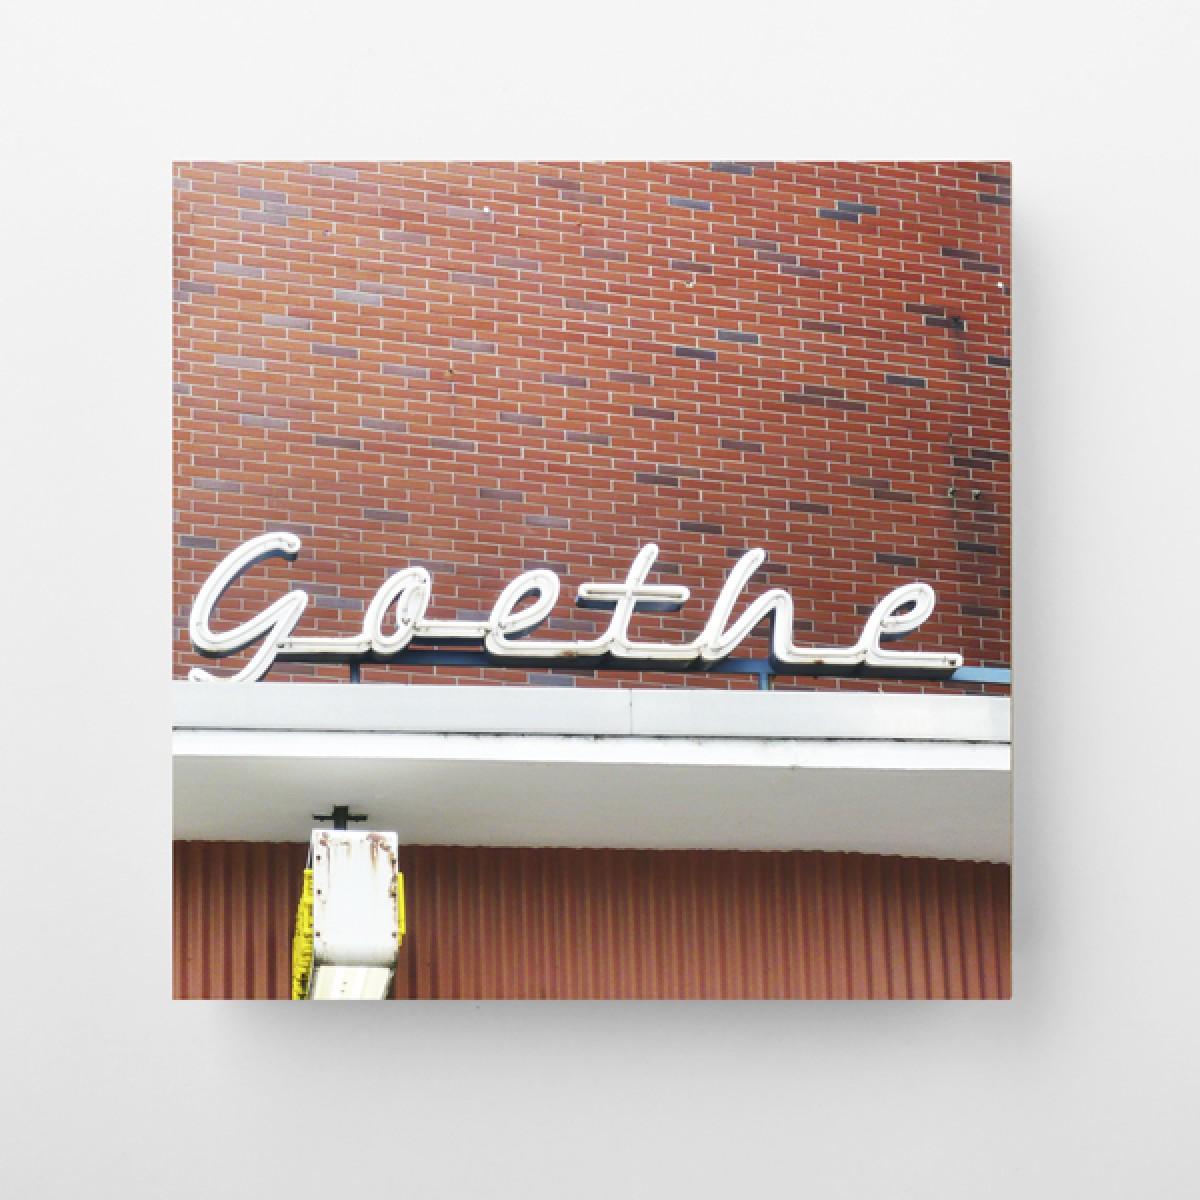 FrankfurterBubb Goethe Foto-Kachel